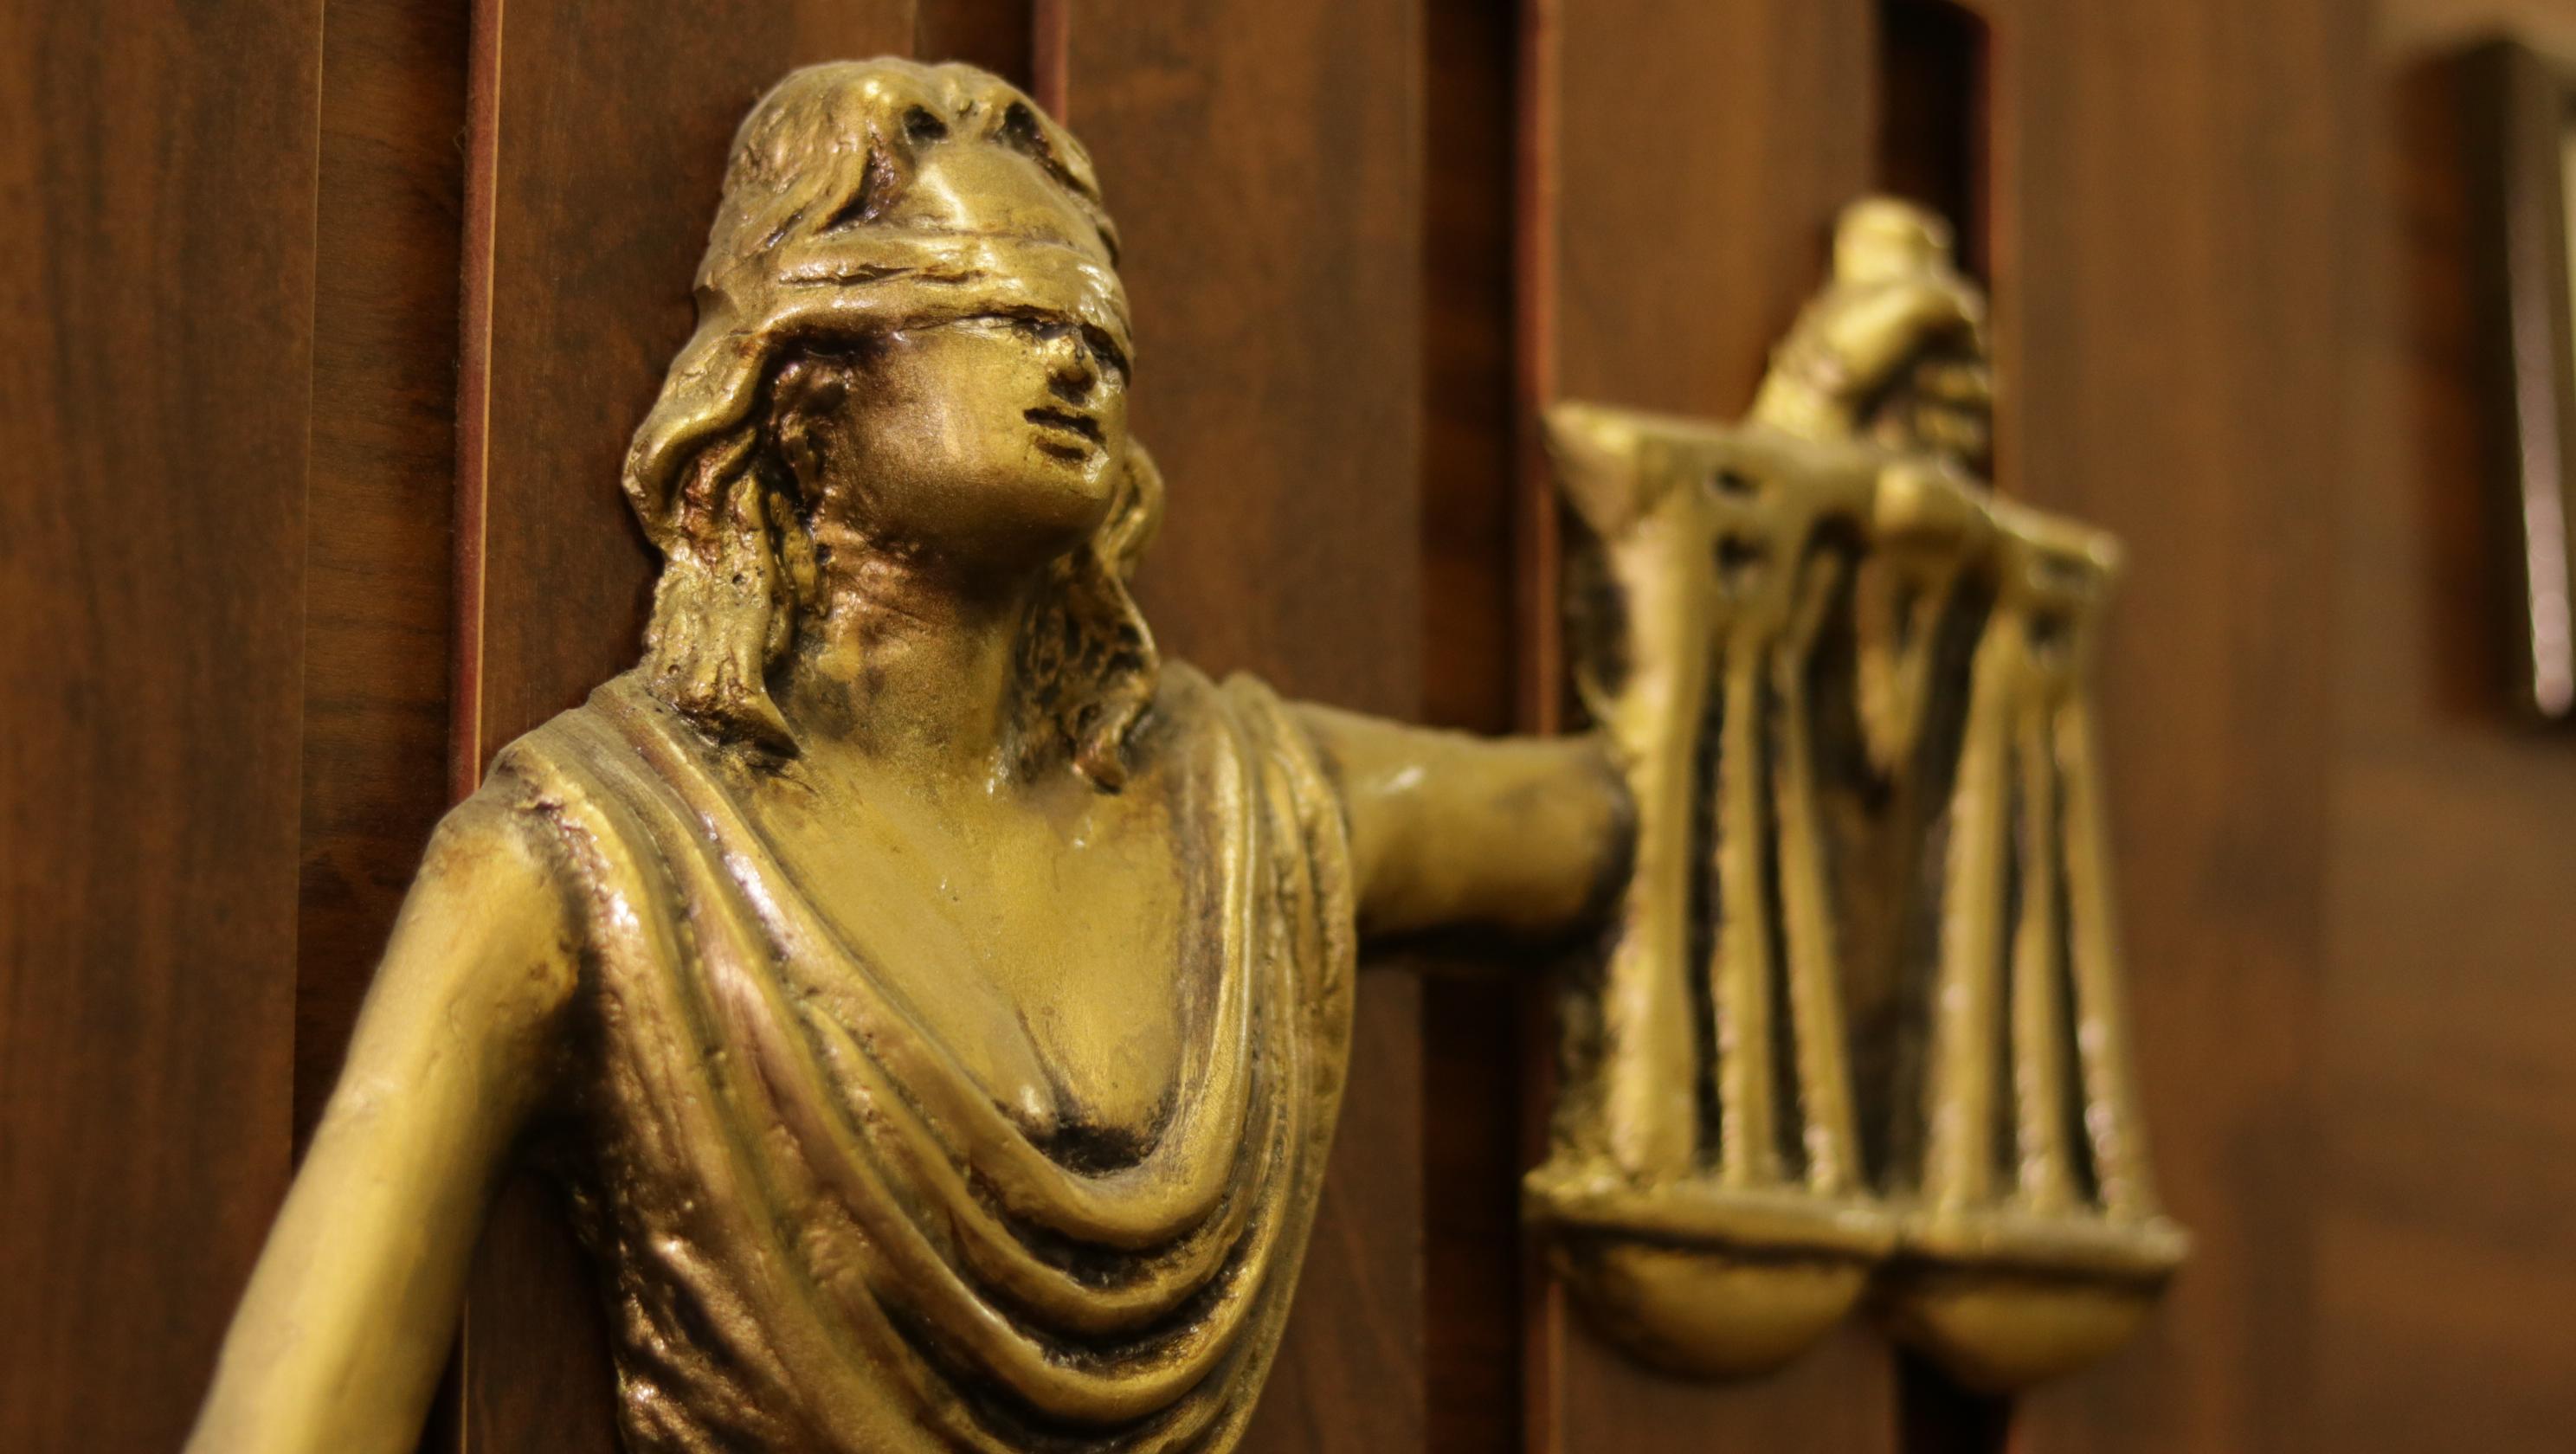 imagem do símbolo que representa o curso de direito: uma mulher com olhos vendados segurando uma balança